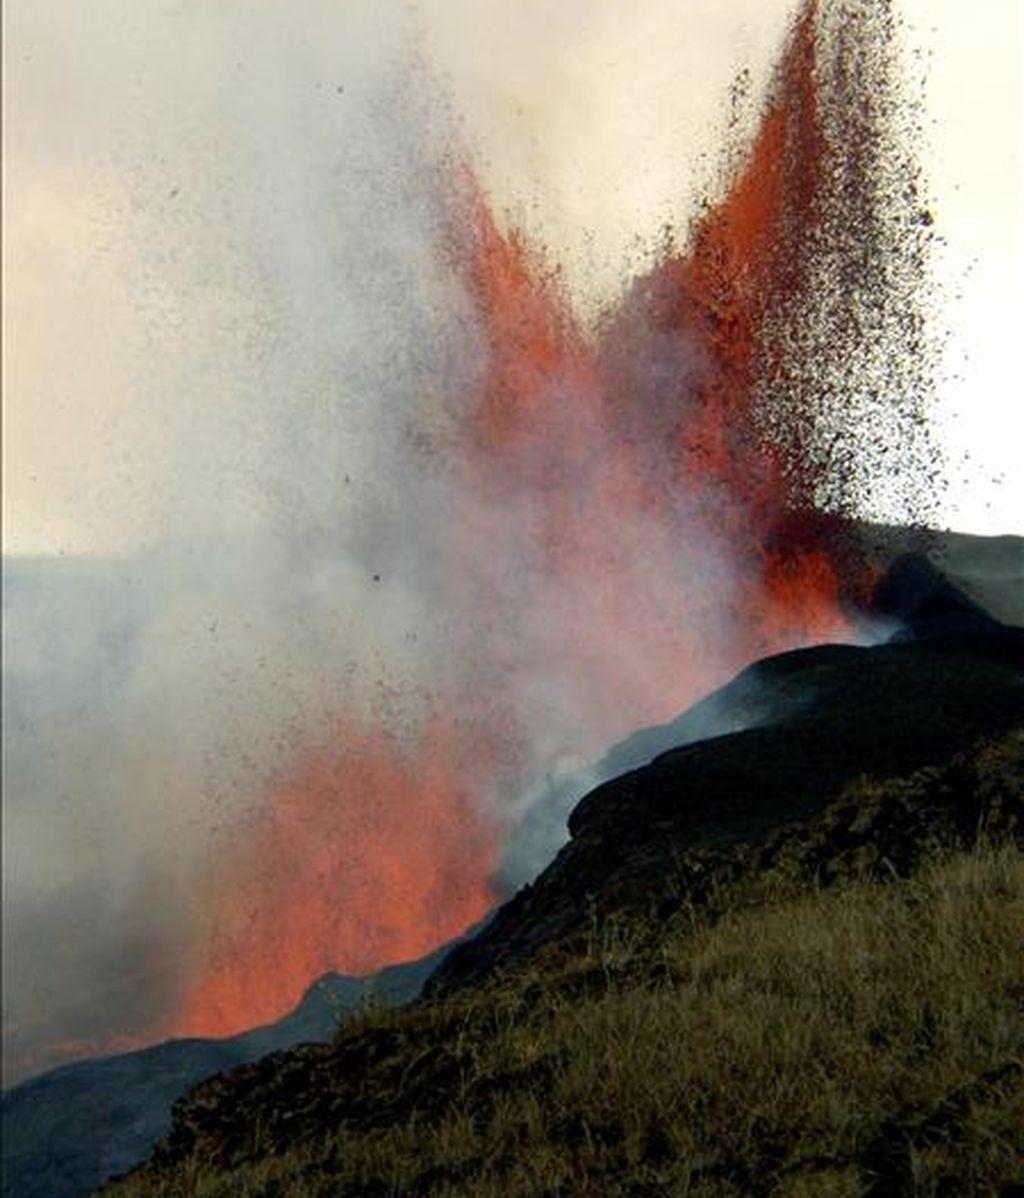 Imagen del volcán Sierra Negra, en la isla Isabela del archipiélago ecuatoriano de Galápagos, que desde el sábado pasado sufre un incendio. EFE